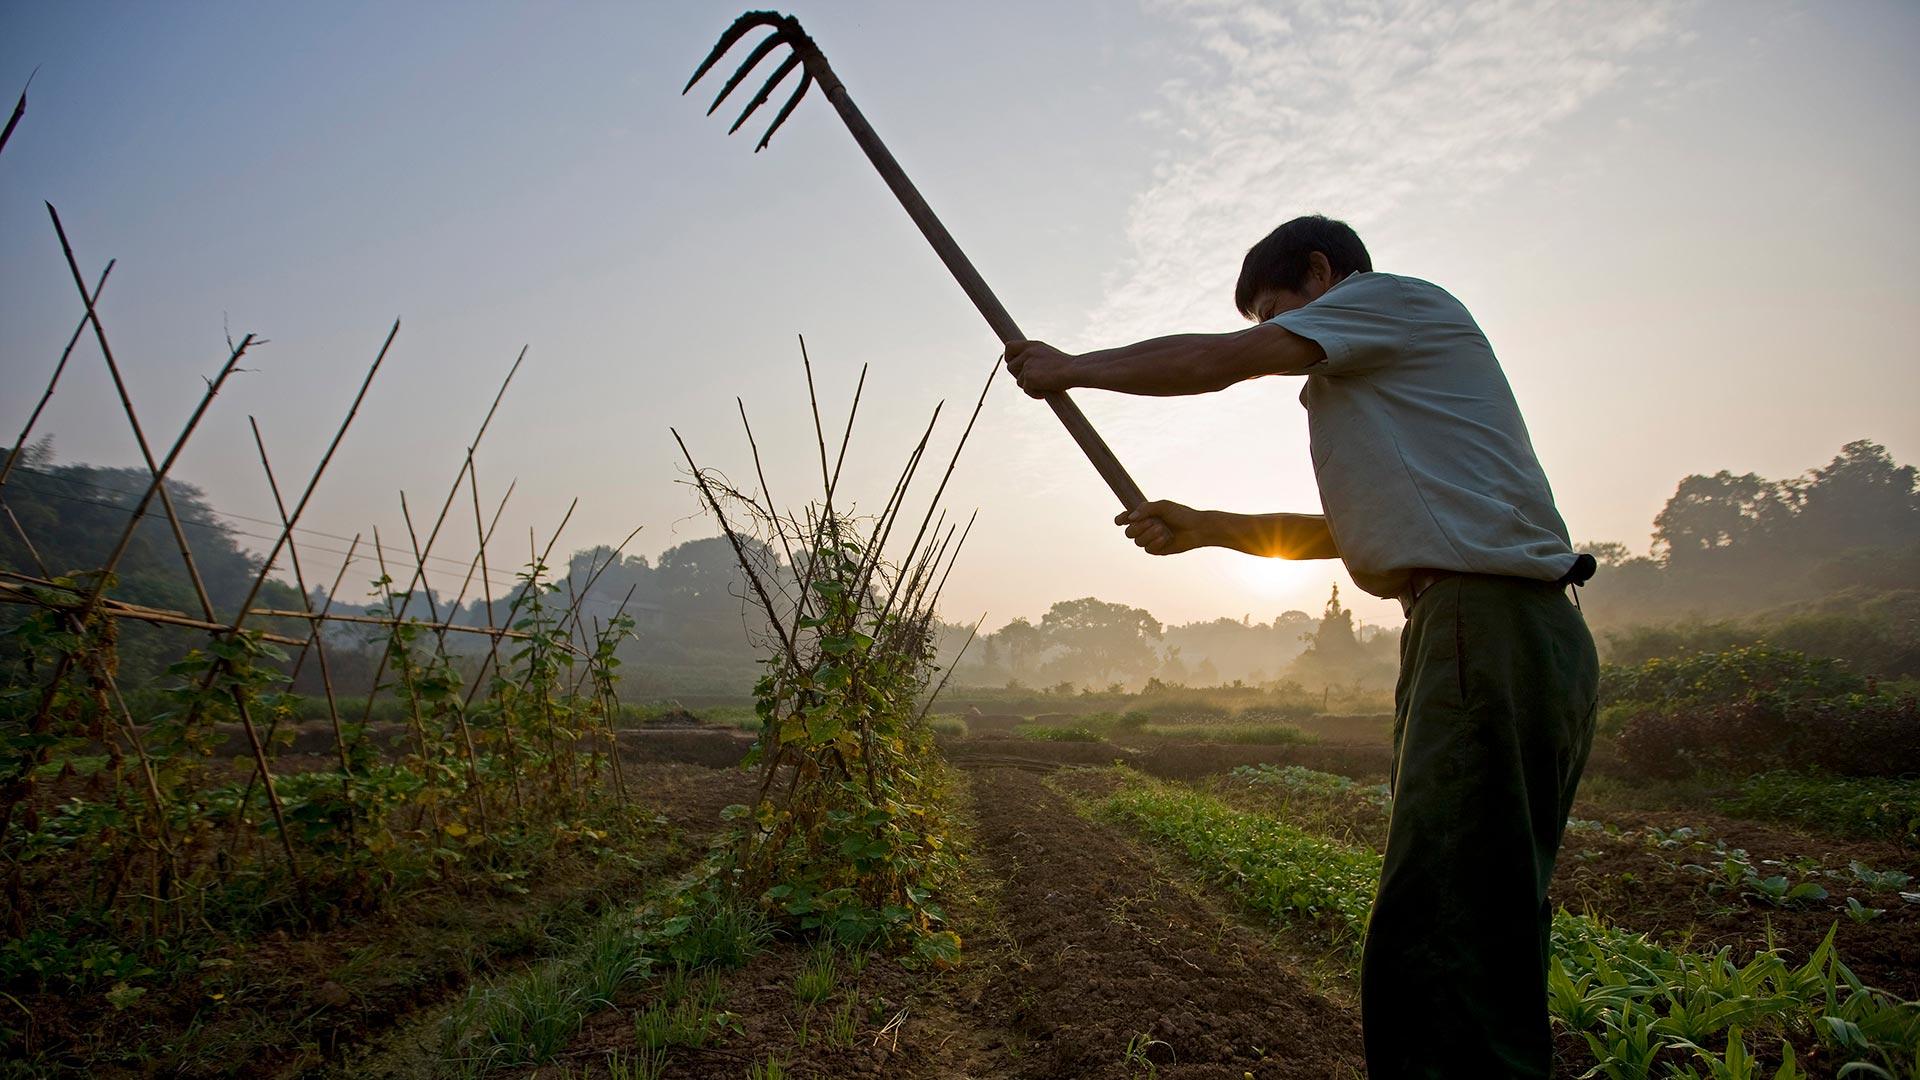 Die kleinbäuerliche Landwirtschaft braucht Investitionen